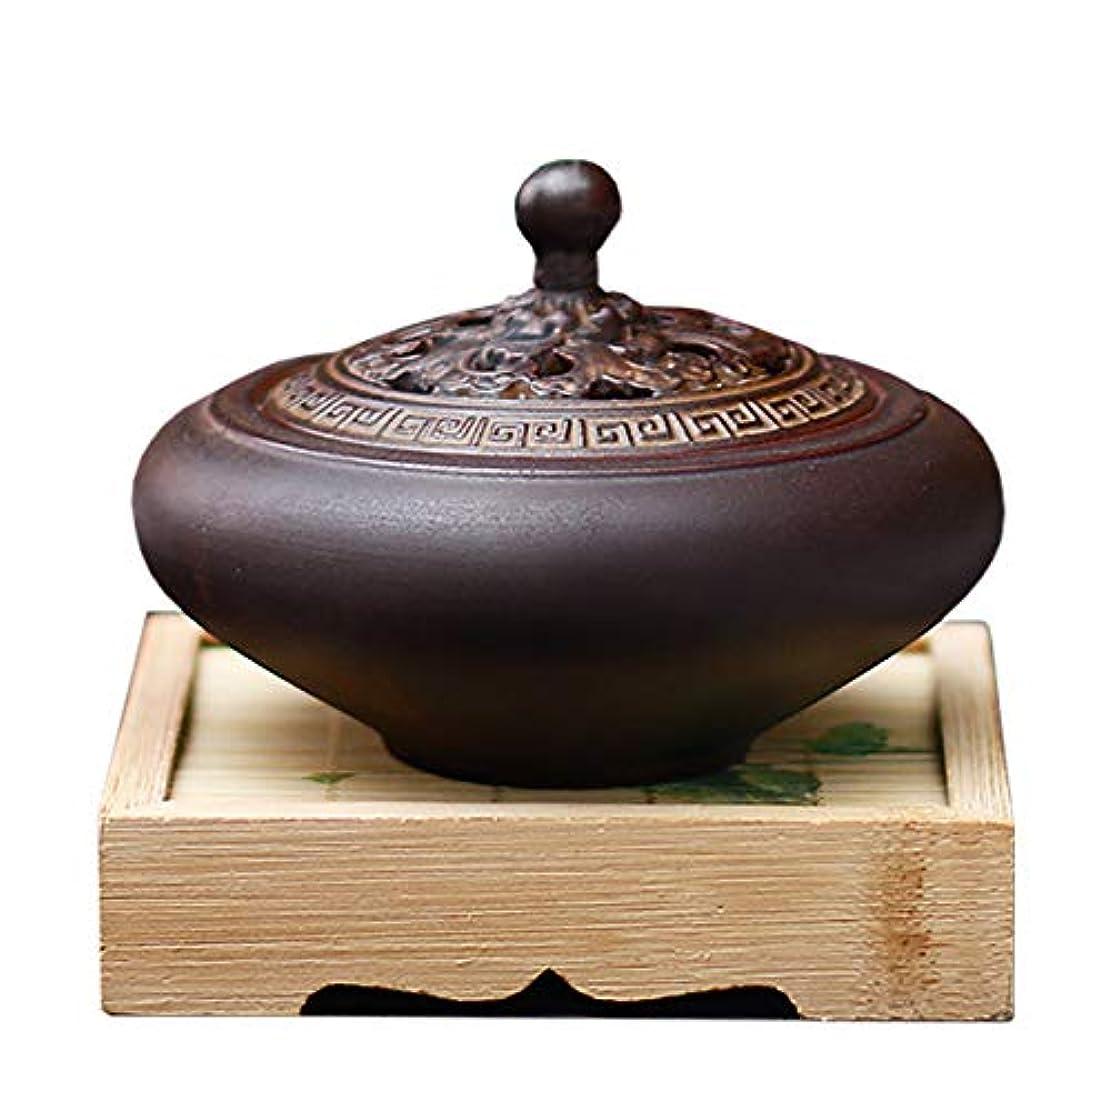 残酷病院日記HAMILO 蓋付香炉 陶器 中国風 古典 アロマ 癒し 香道 お香 コーン 抹香 手作り 木製台付 (ブラウン)